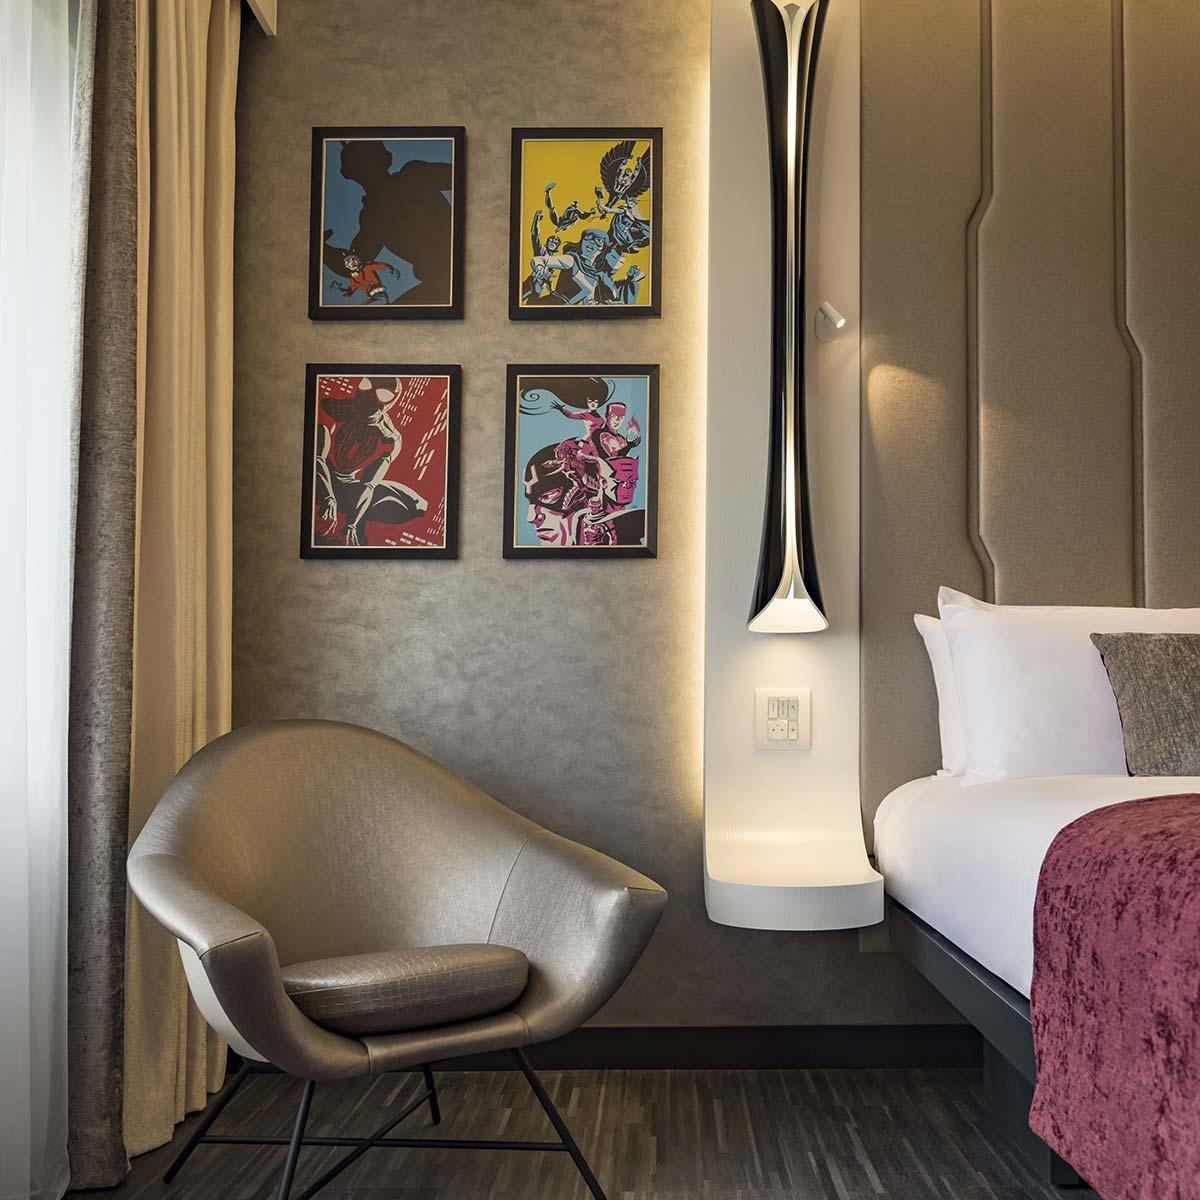 Habitaciones Club, Suites y una sala privada digna de Tony Stark